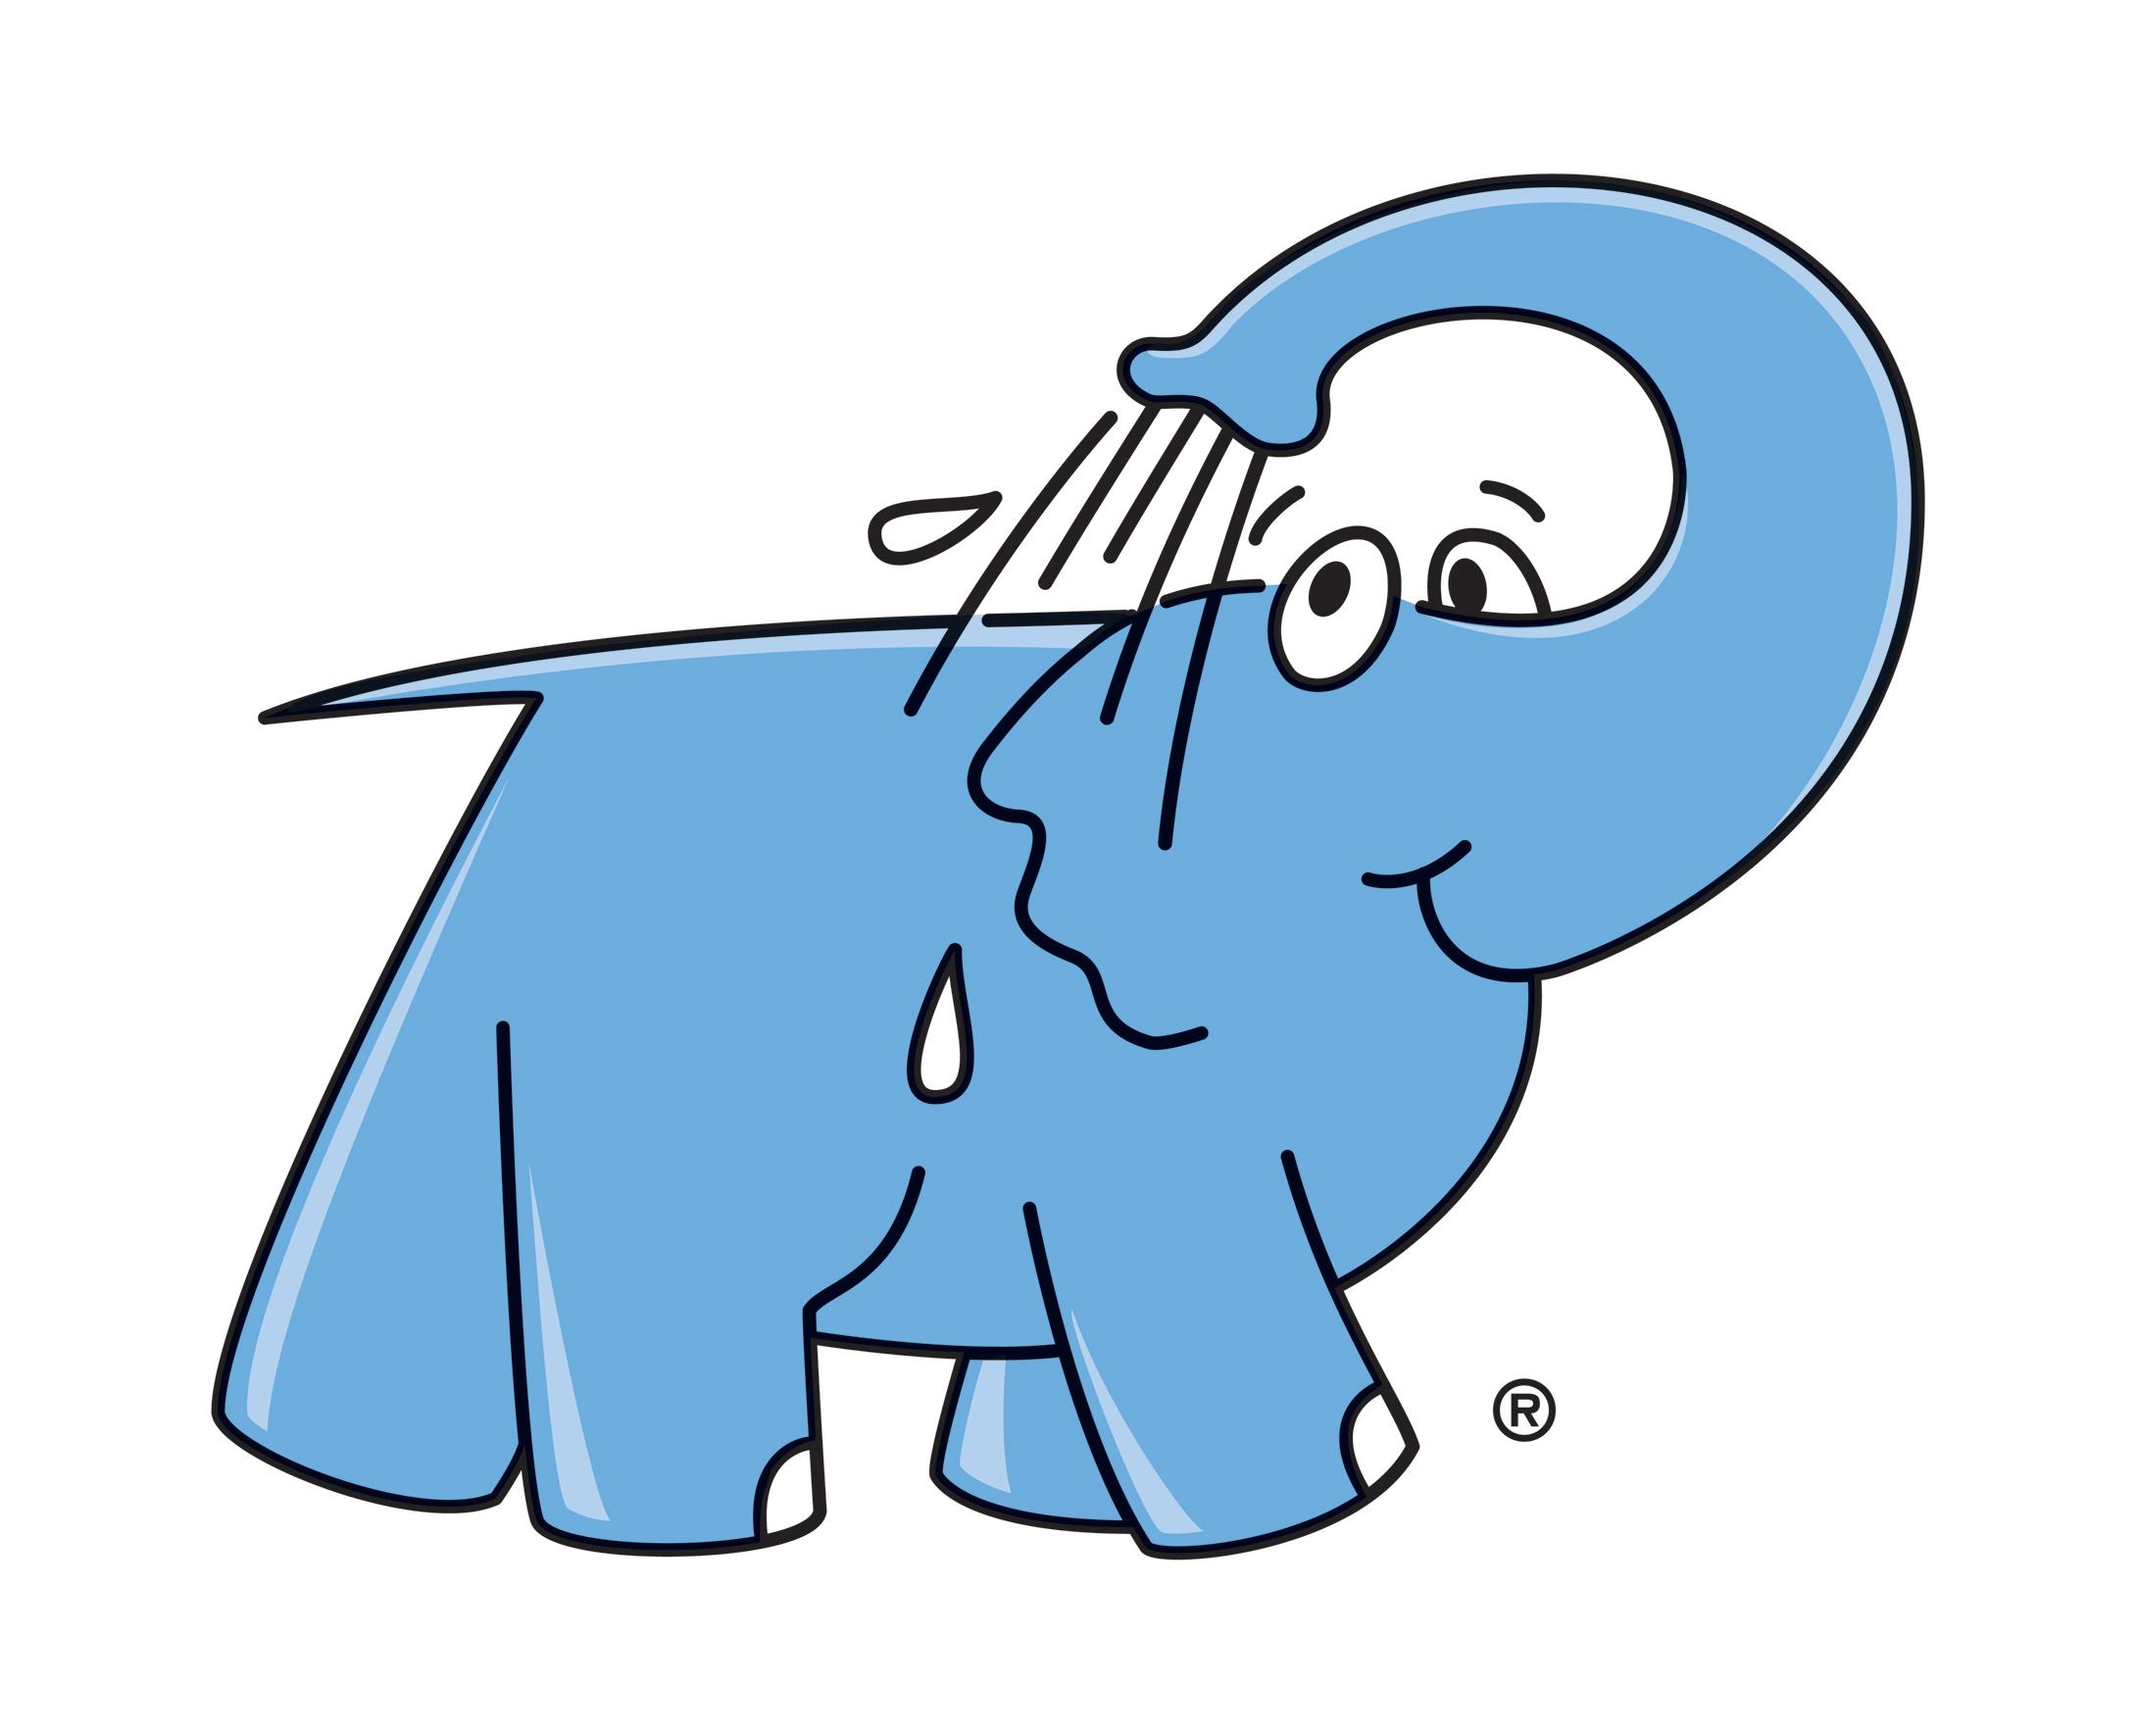 logo elefante azul novo 2.png